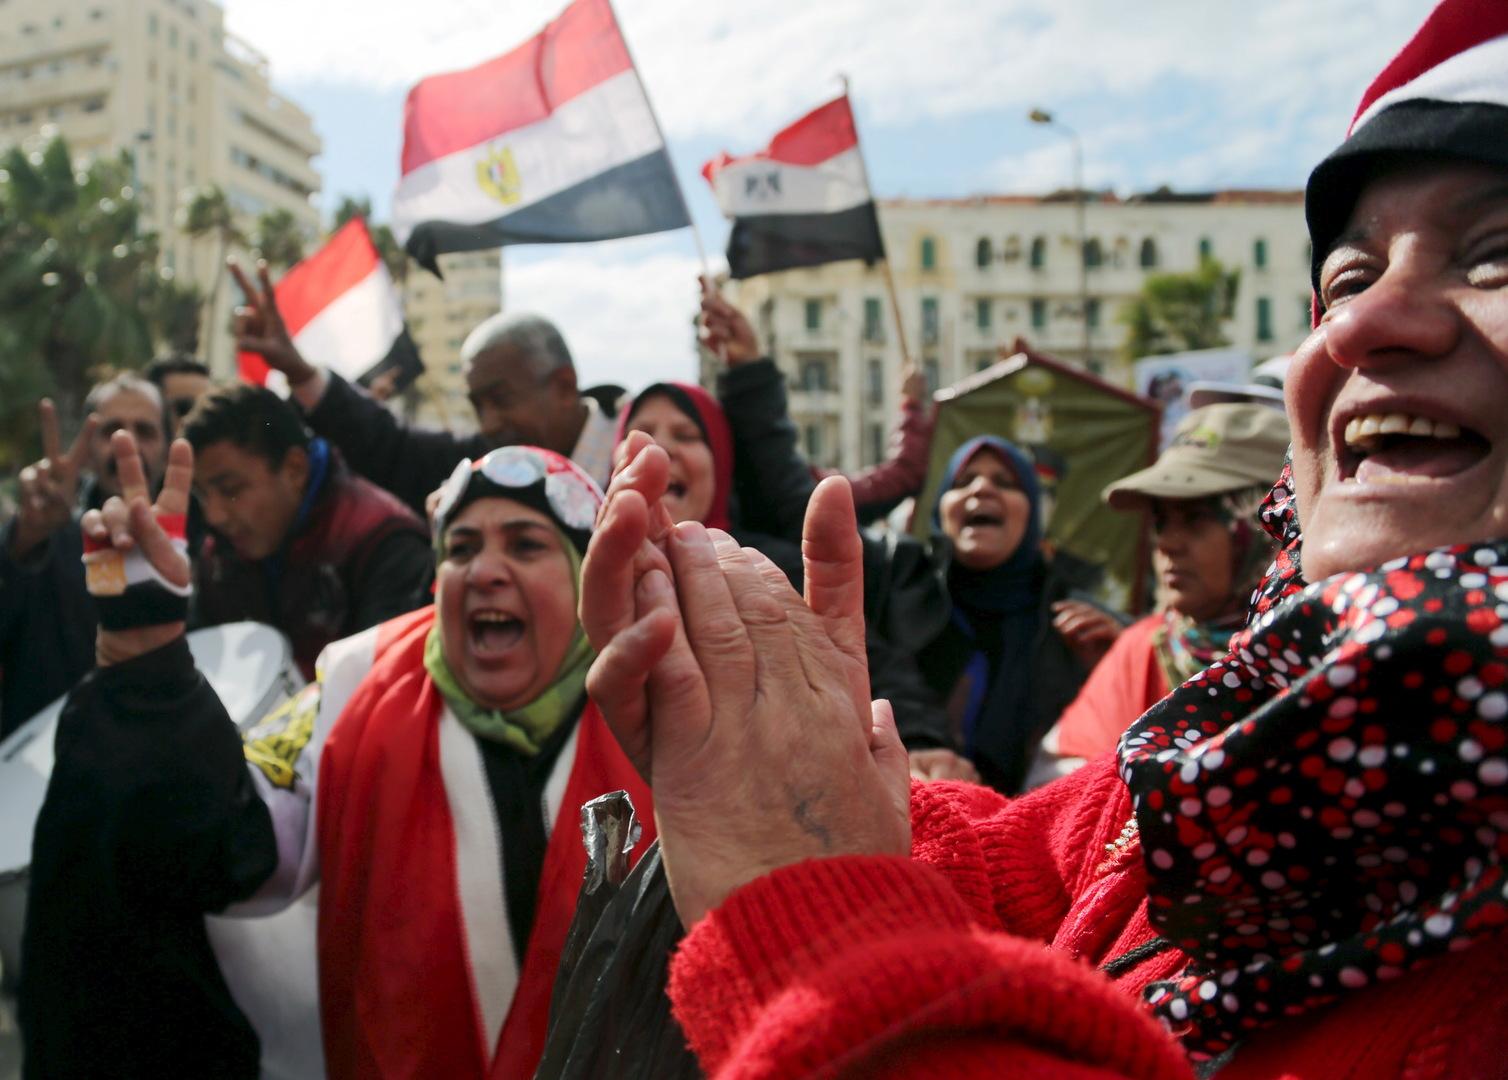 مصدران: السلطات المصرية تعتقل رسام كاريكاتير بعد نشره تسجيلا مصورا تحية لانتفاضة 2011